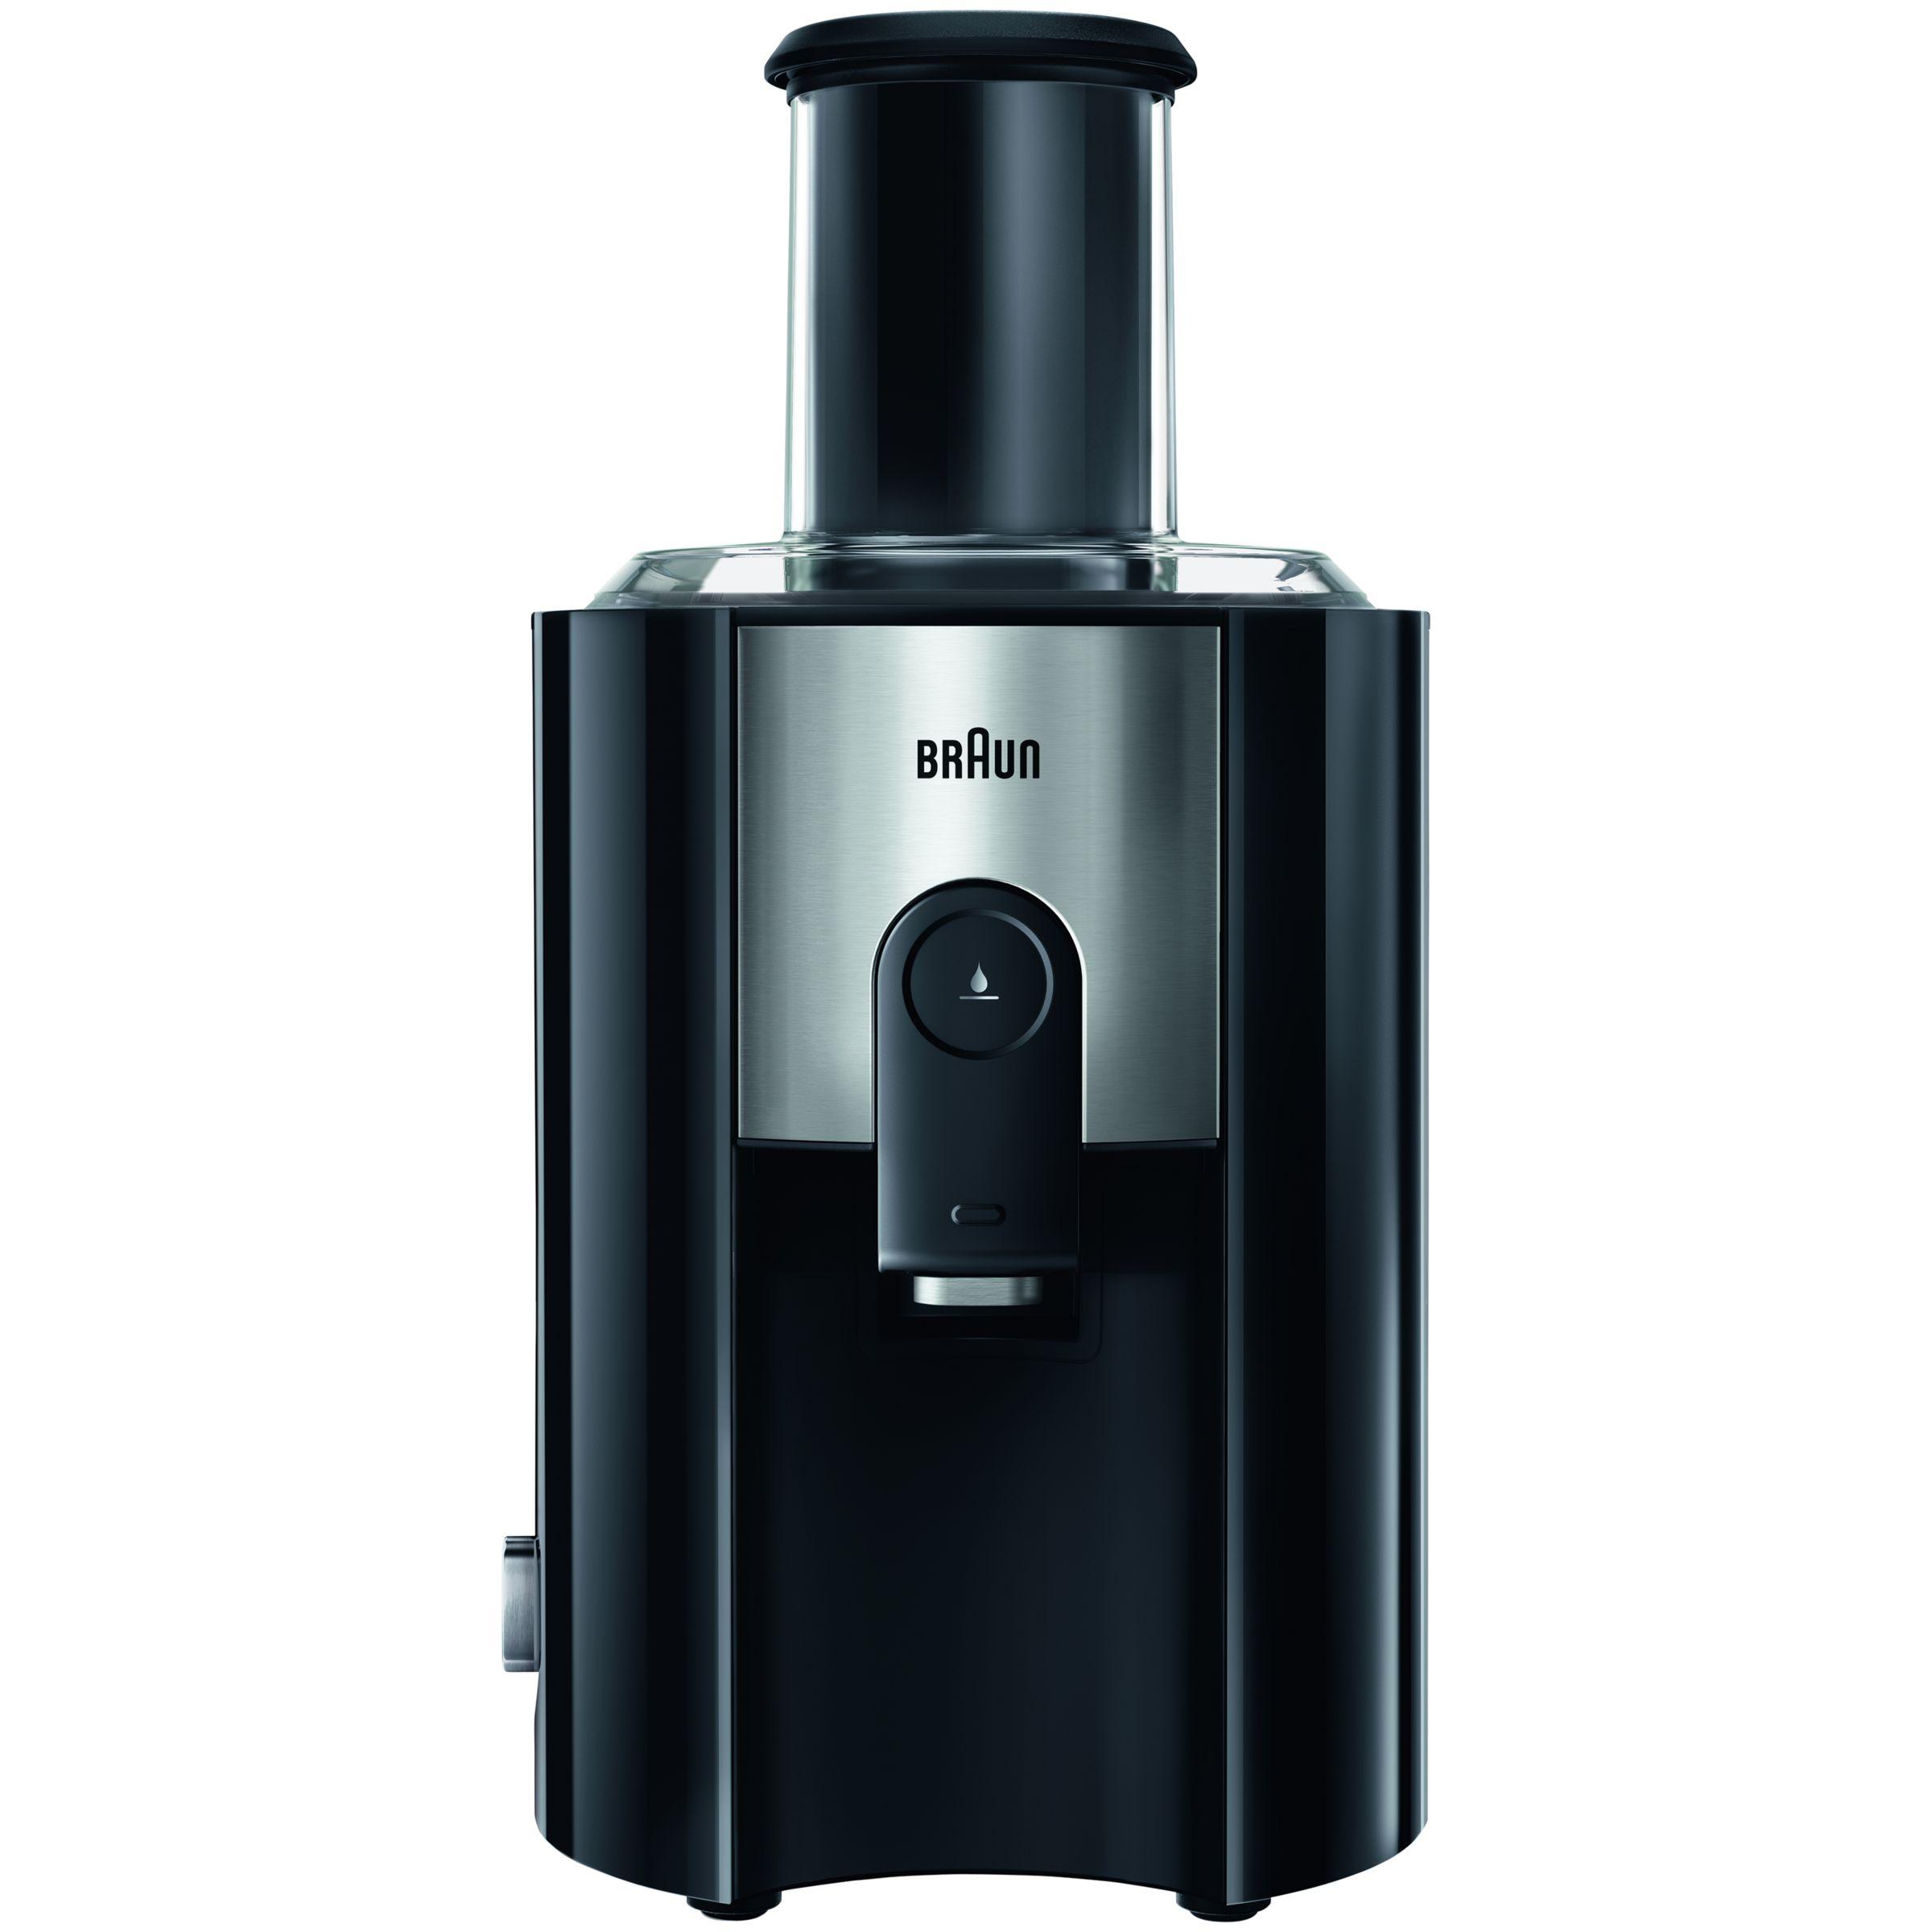 Braun Braun J500 Multiquick 5 Spin Juicer, Black